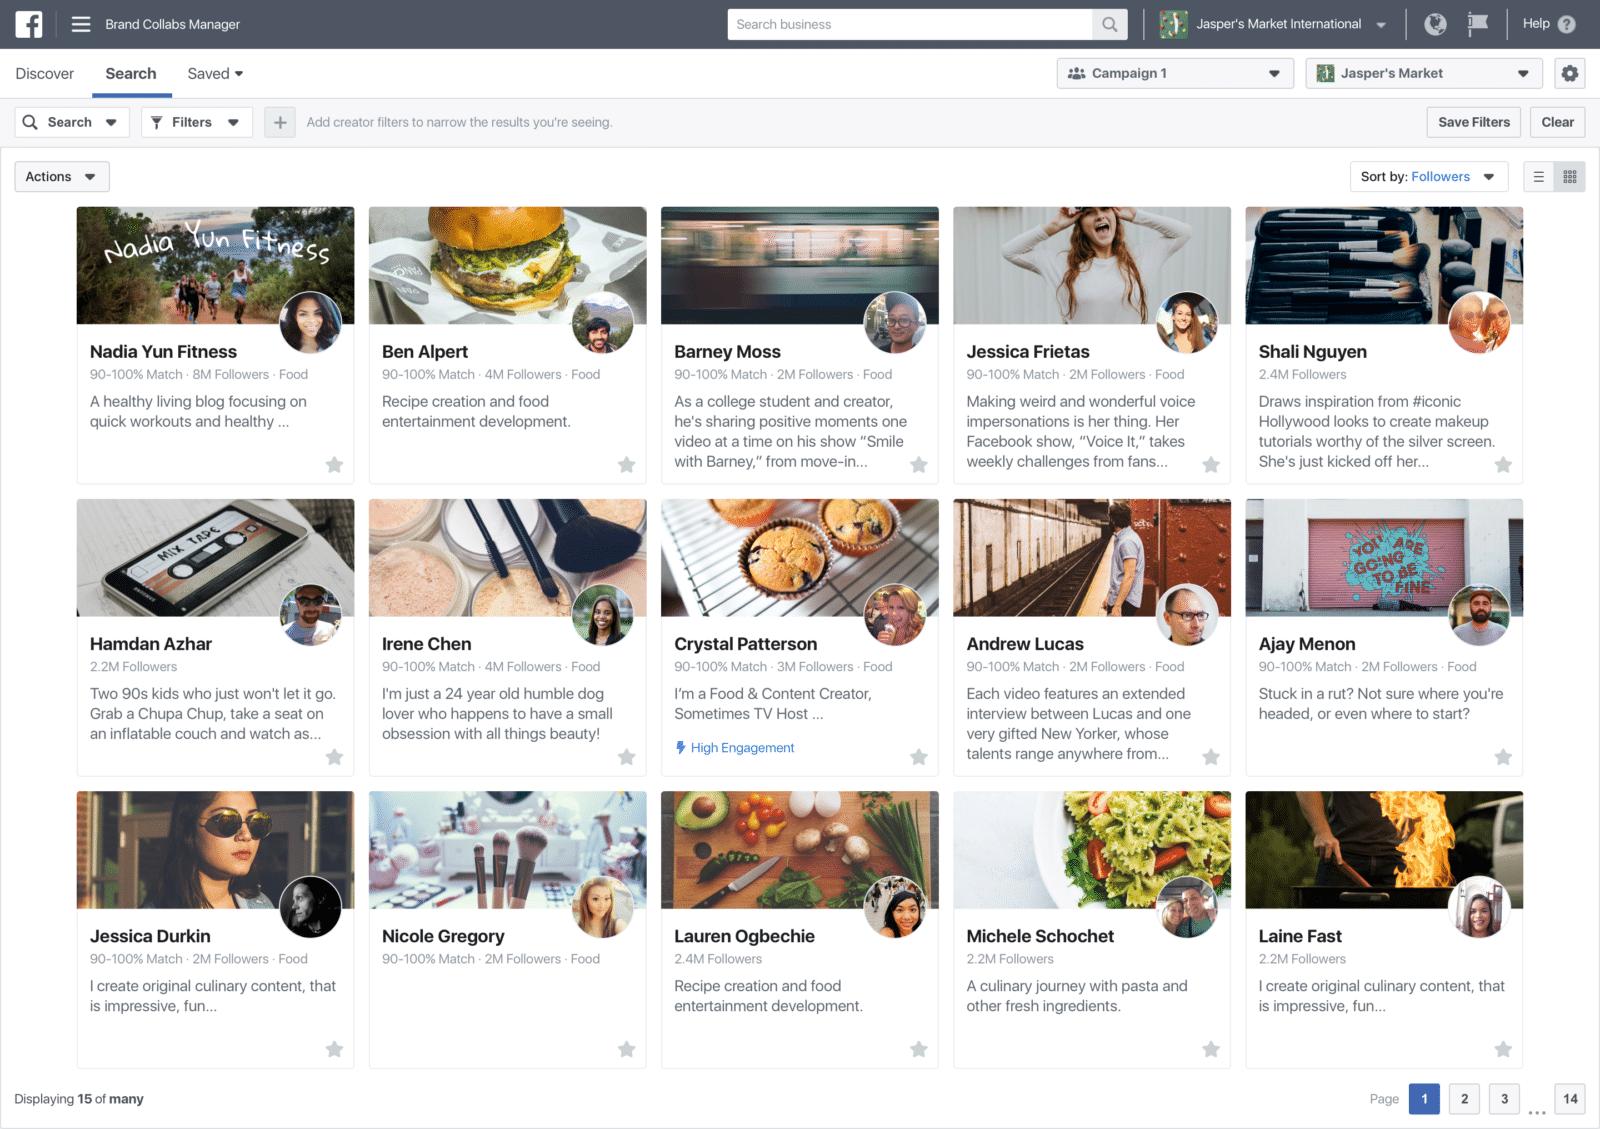 ชมภาพเต็ม ๆ  เครื่องมือค้นหา Influencer สำหรับ Brand บน Facebook